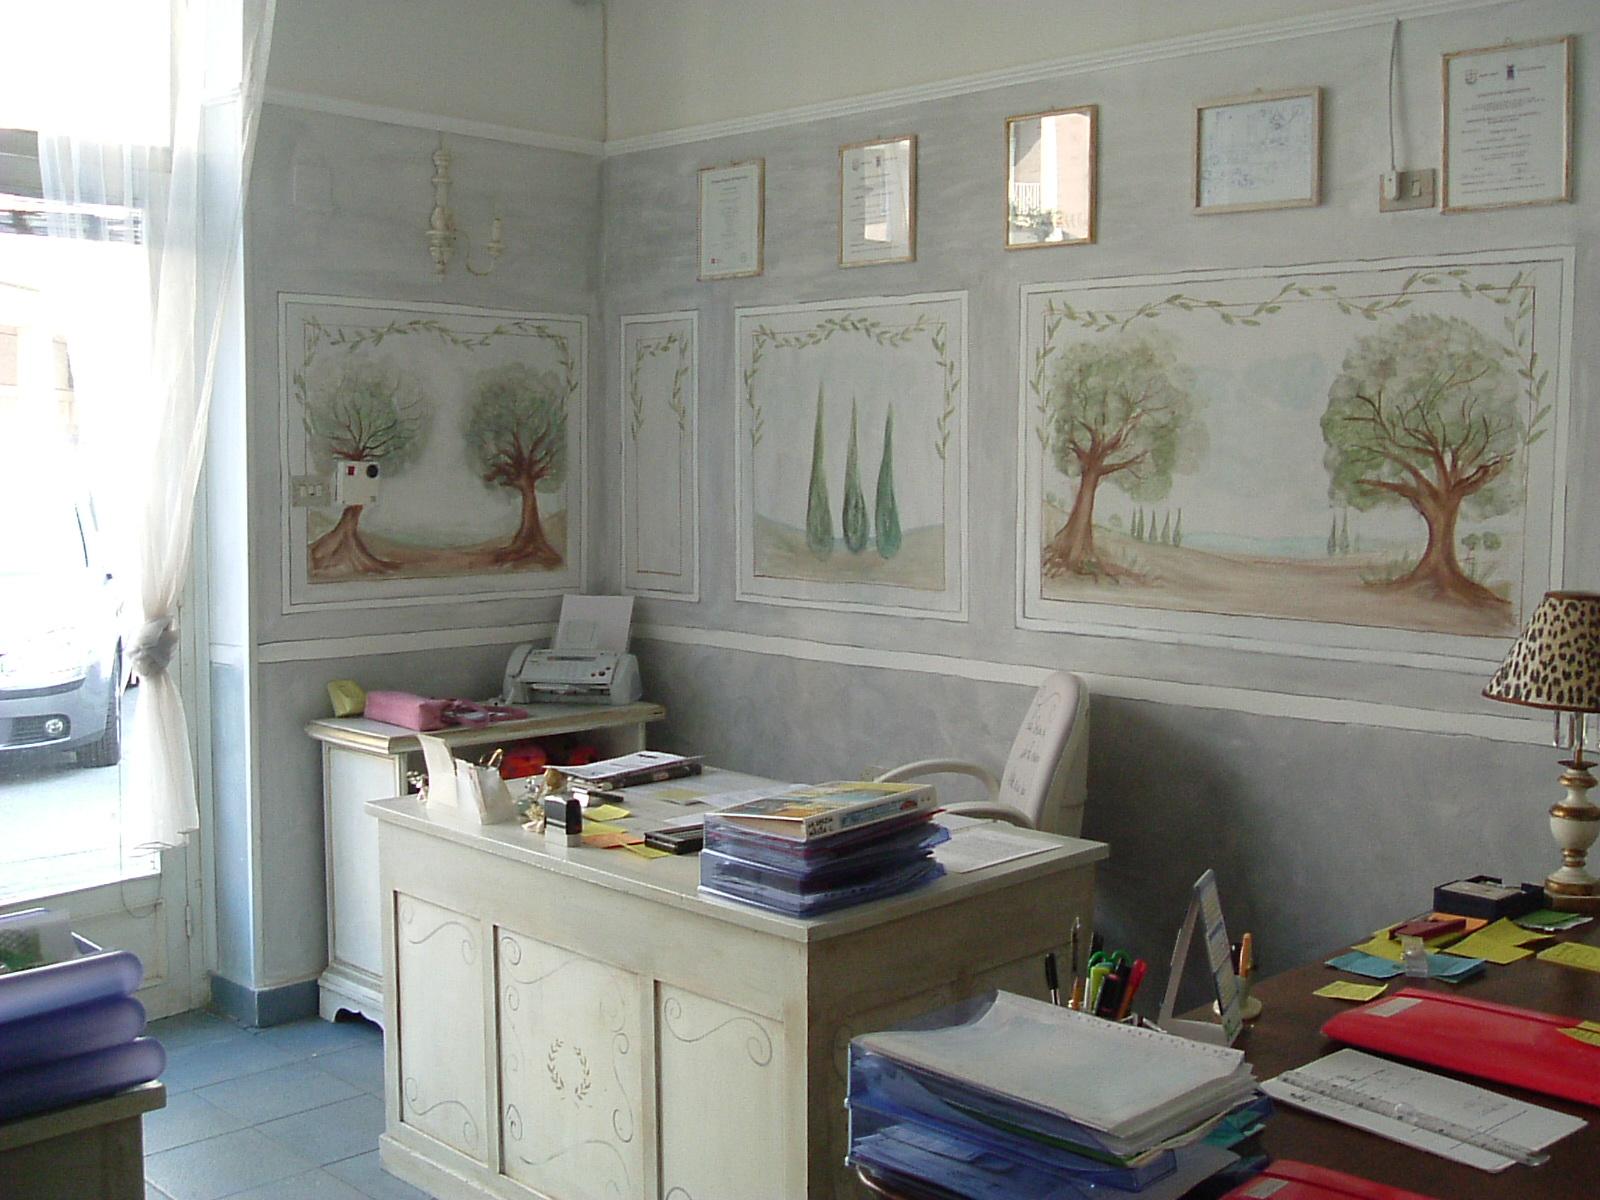 Ufficio Stile Provenzale : Marzia sofia salvestrini lavori un ufficio in stile gustaviano